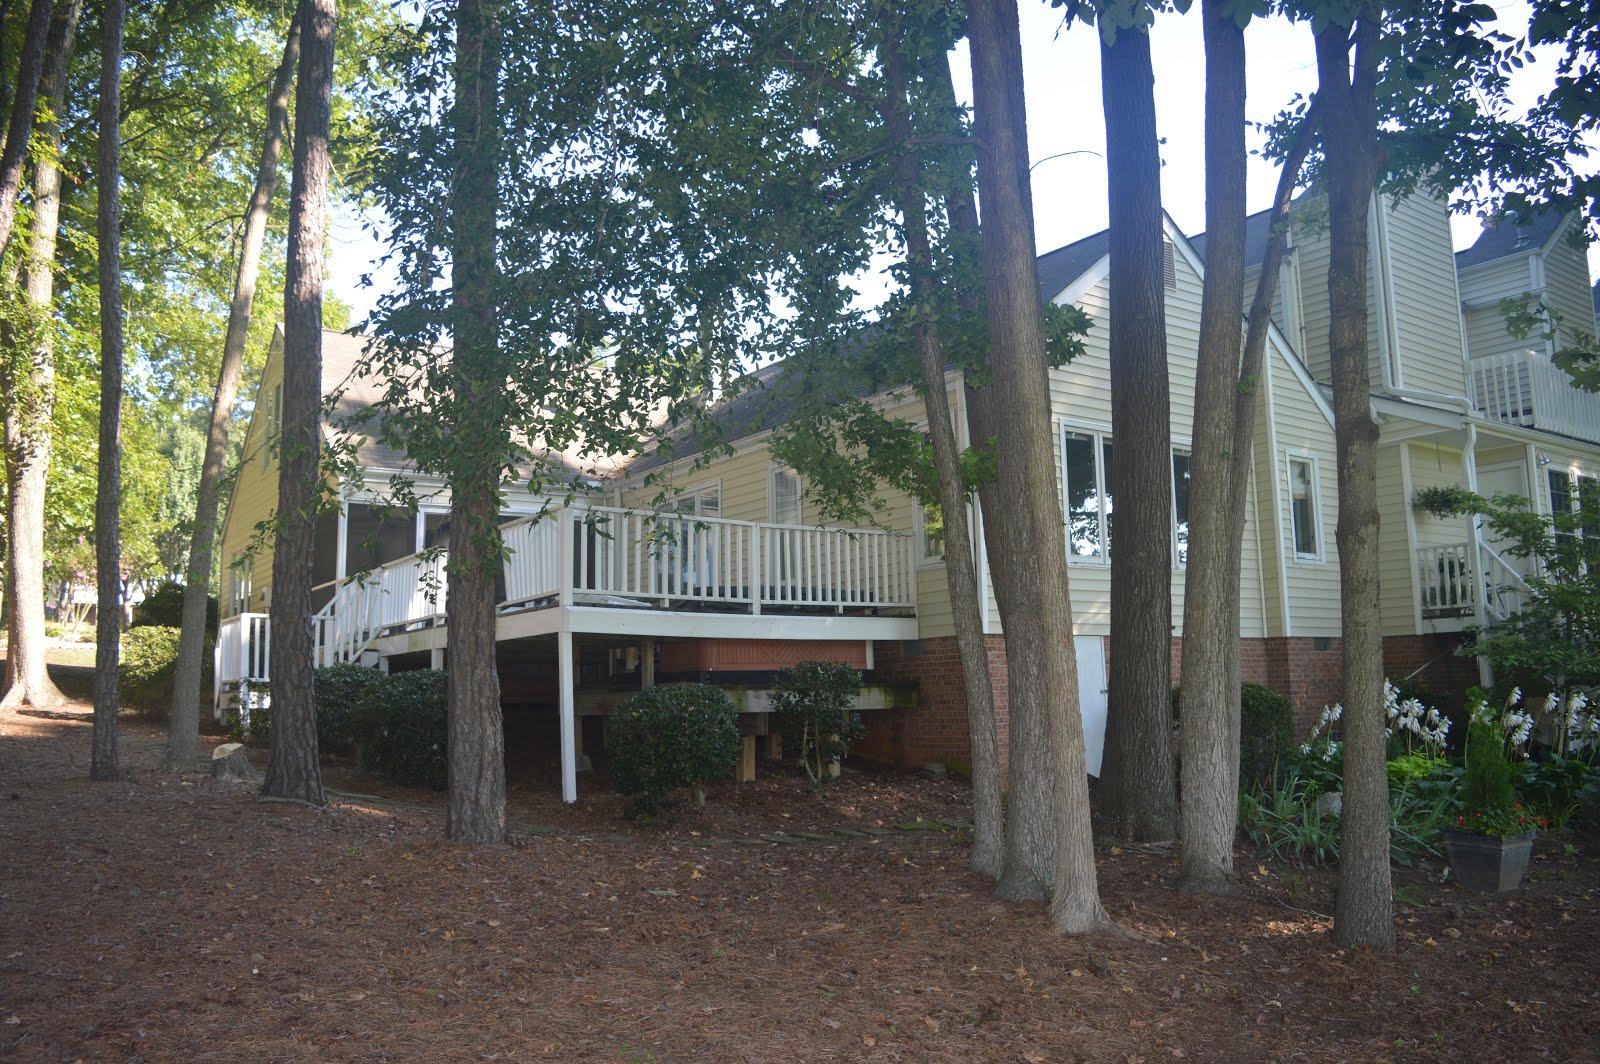 315 Eastwood Drive, Salisbury NC 28146 ~ $149,900